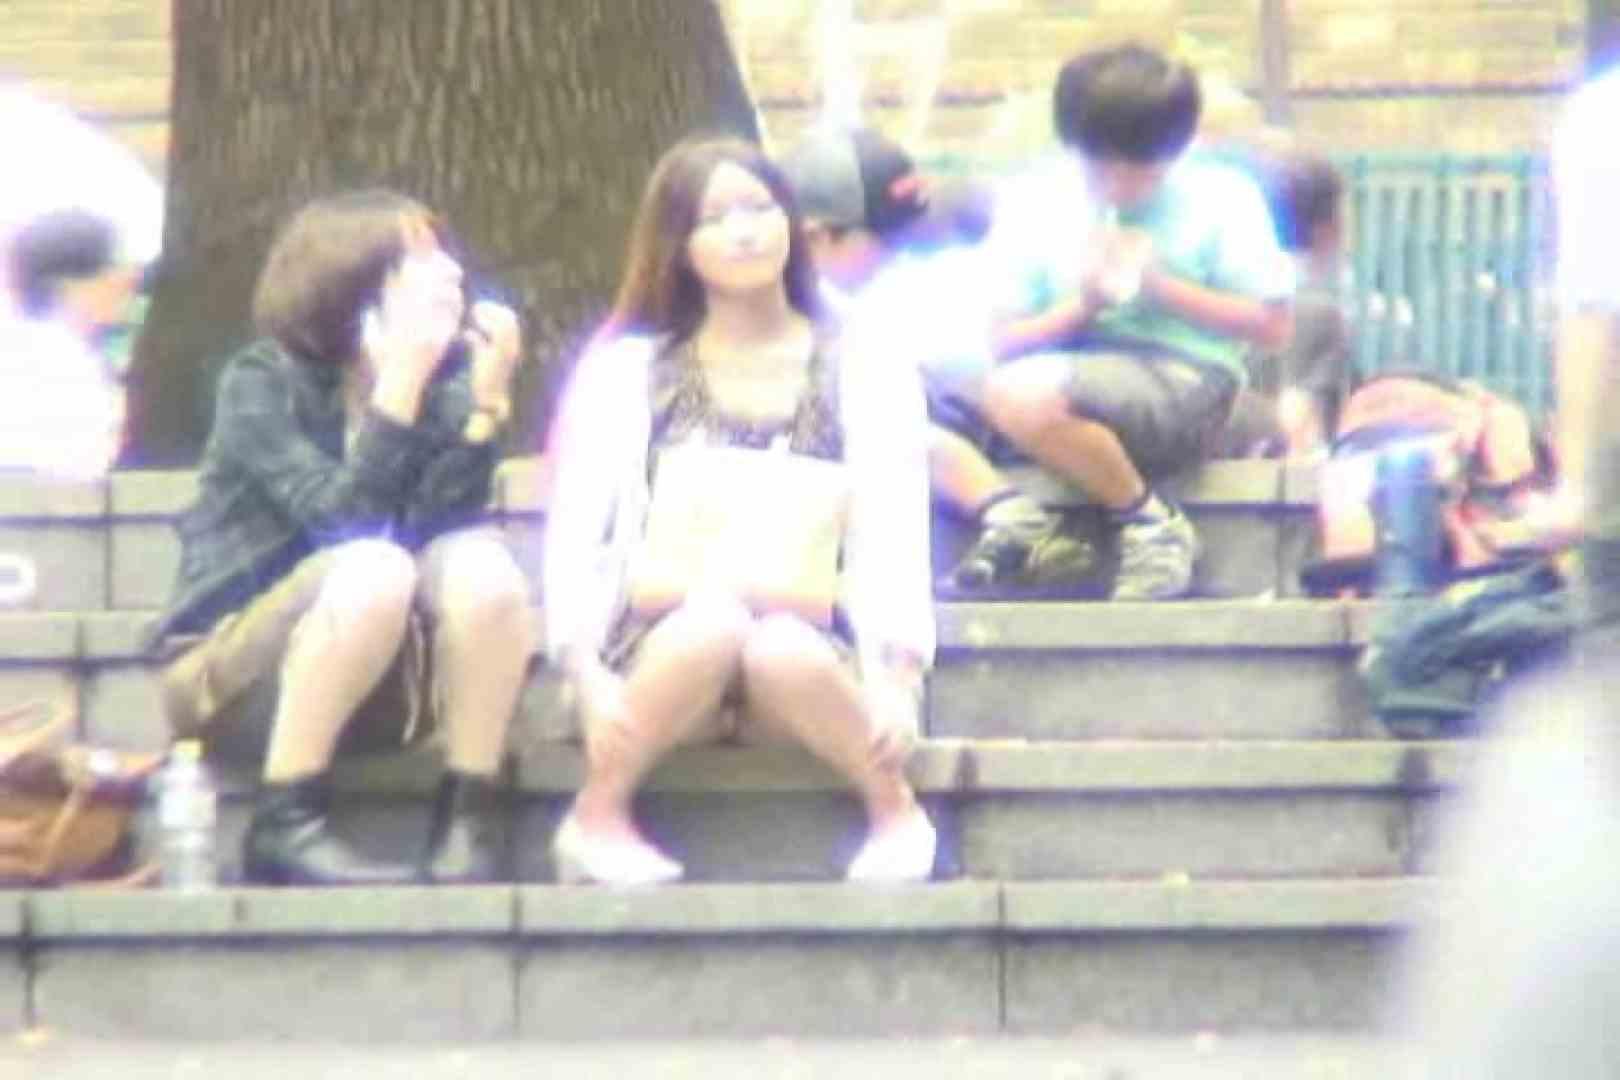 超最新版!春夏秋冬 vol.04 ティーンギャル オメコ無修正動画無料 98pic 77